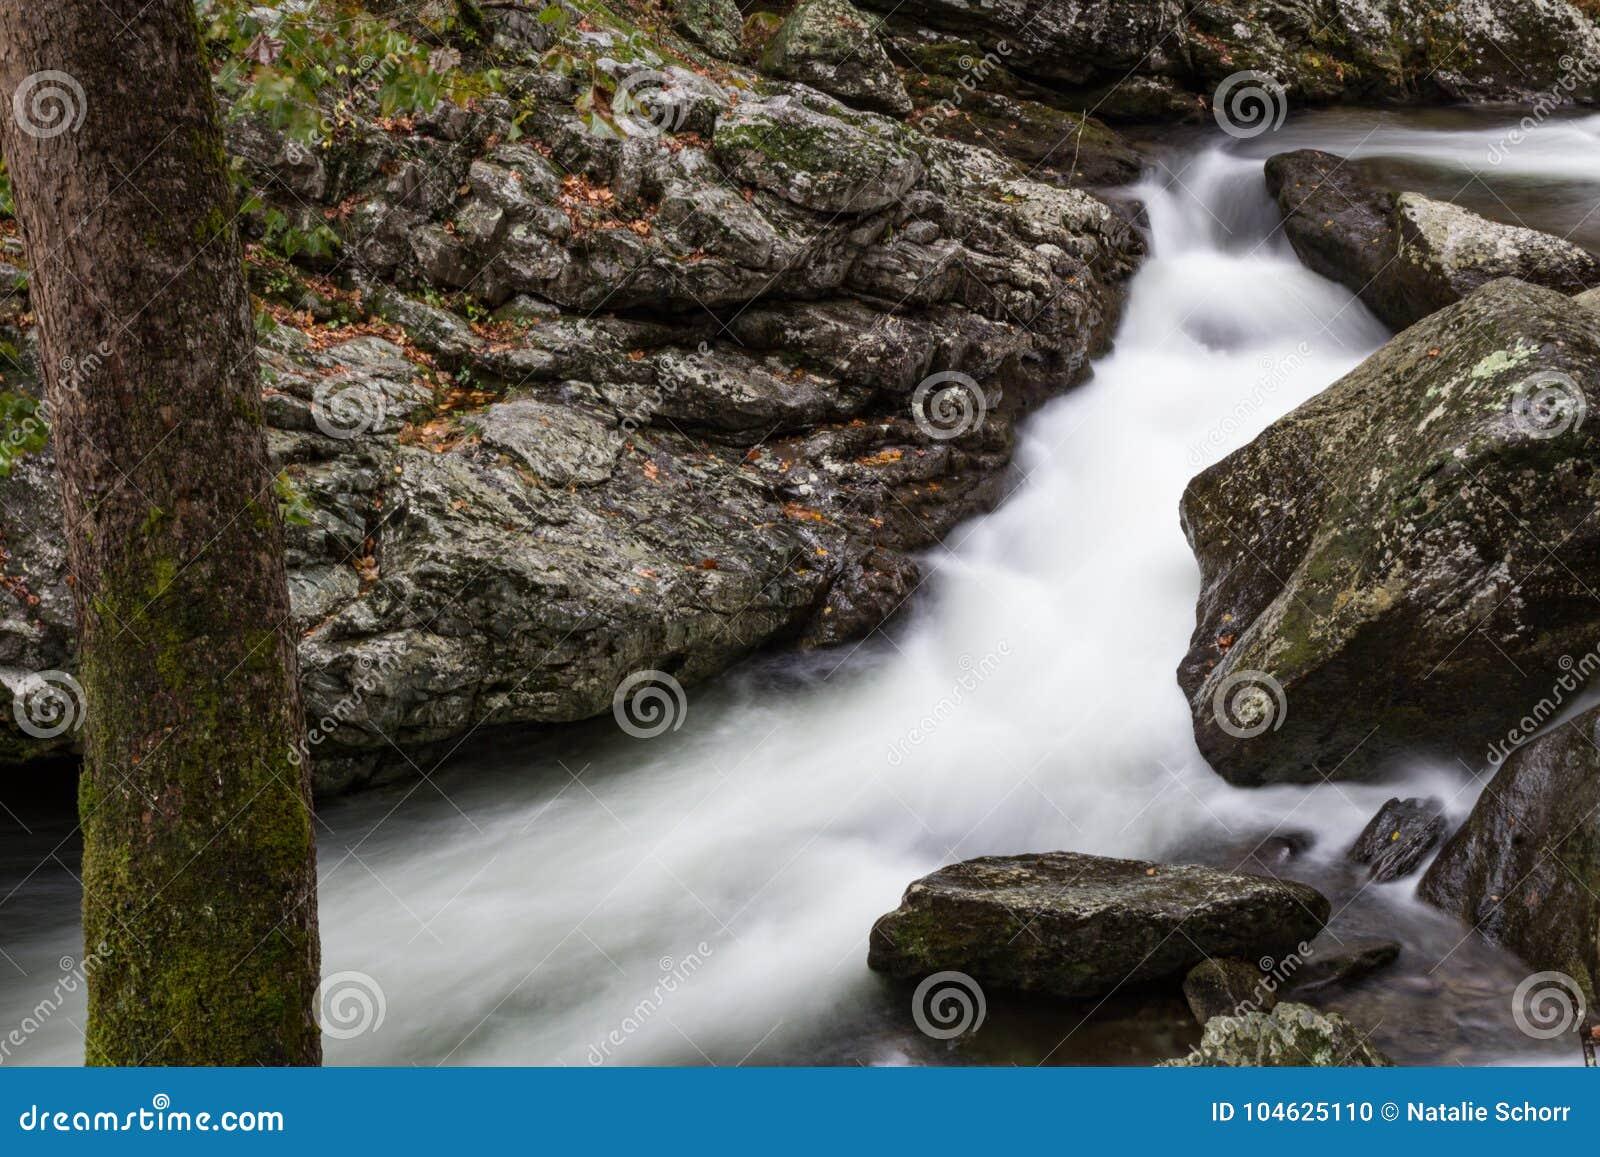 Download Water Die Vlug Een Smalle Gang Voobijsnellen Tussen Rotsen Stock Foto - Afbeelding bestaande uit tussen, daling: 104625110